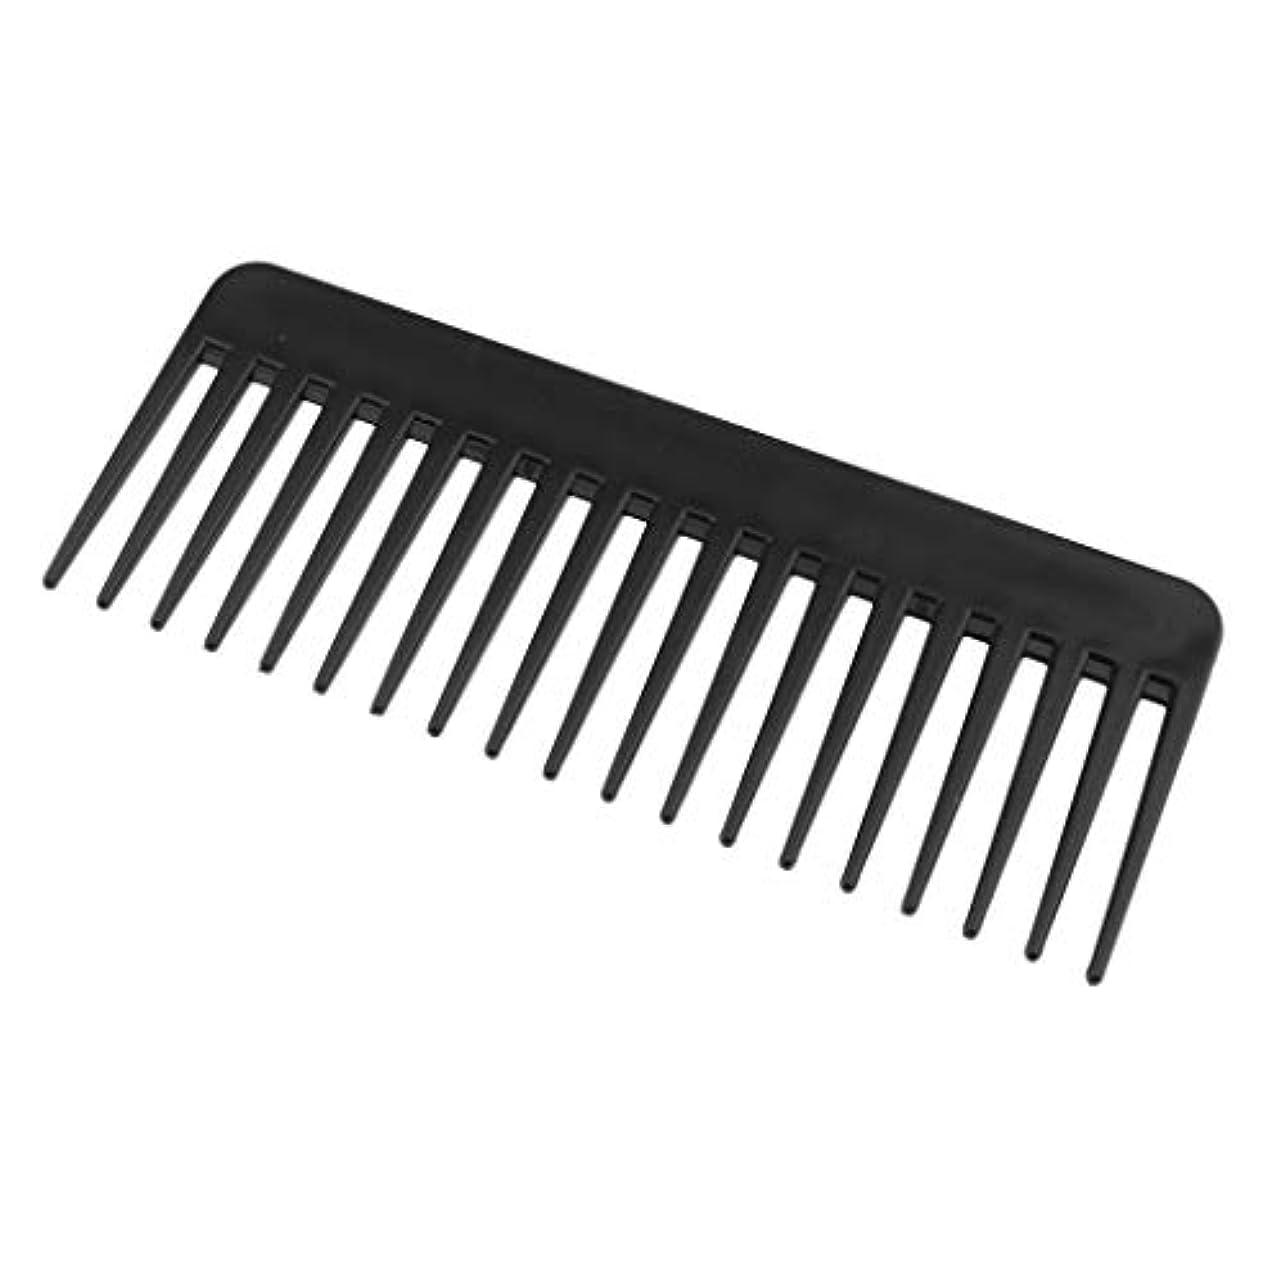 汚染ノベルティ記憶帯電防止くし プラスチック製 ヘアブラシ 丈夫 3色選べ - ブラック